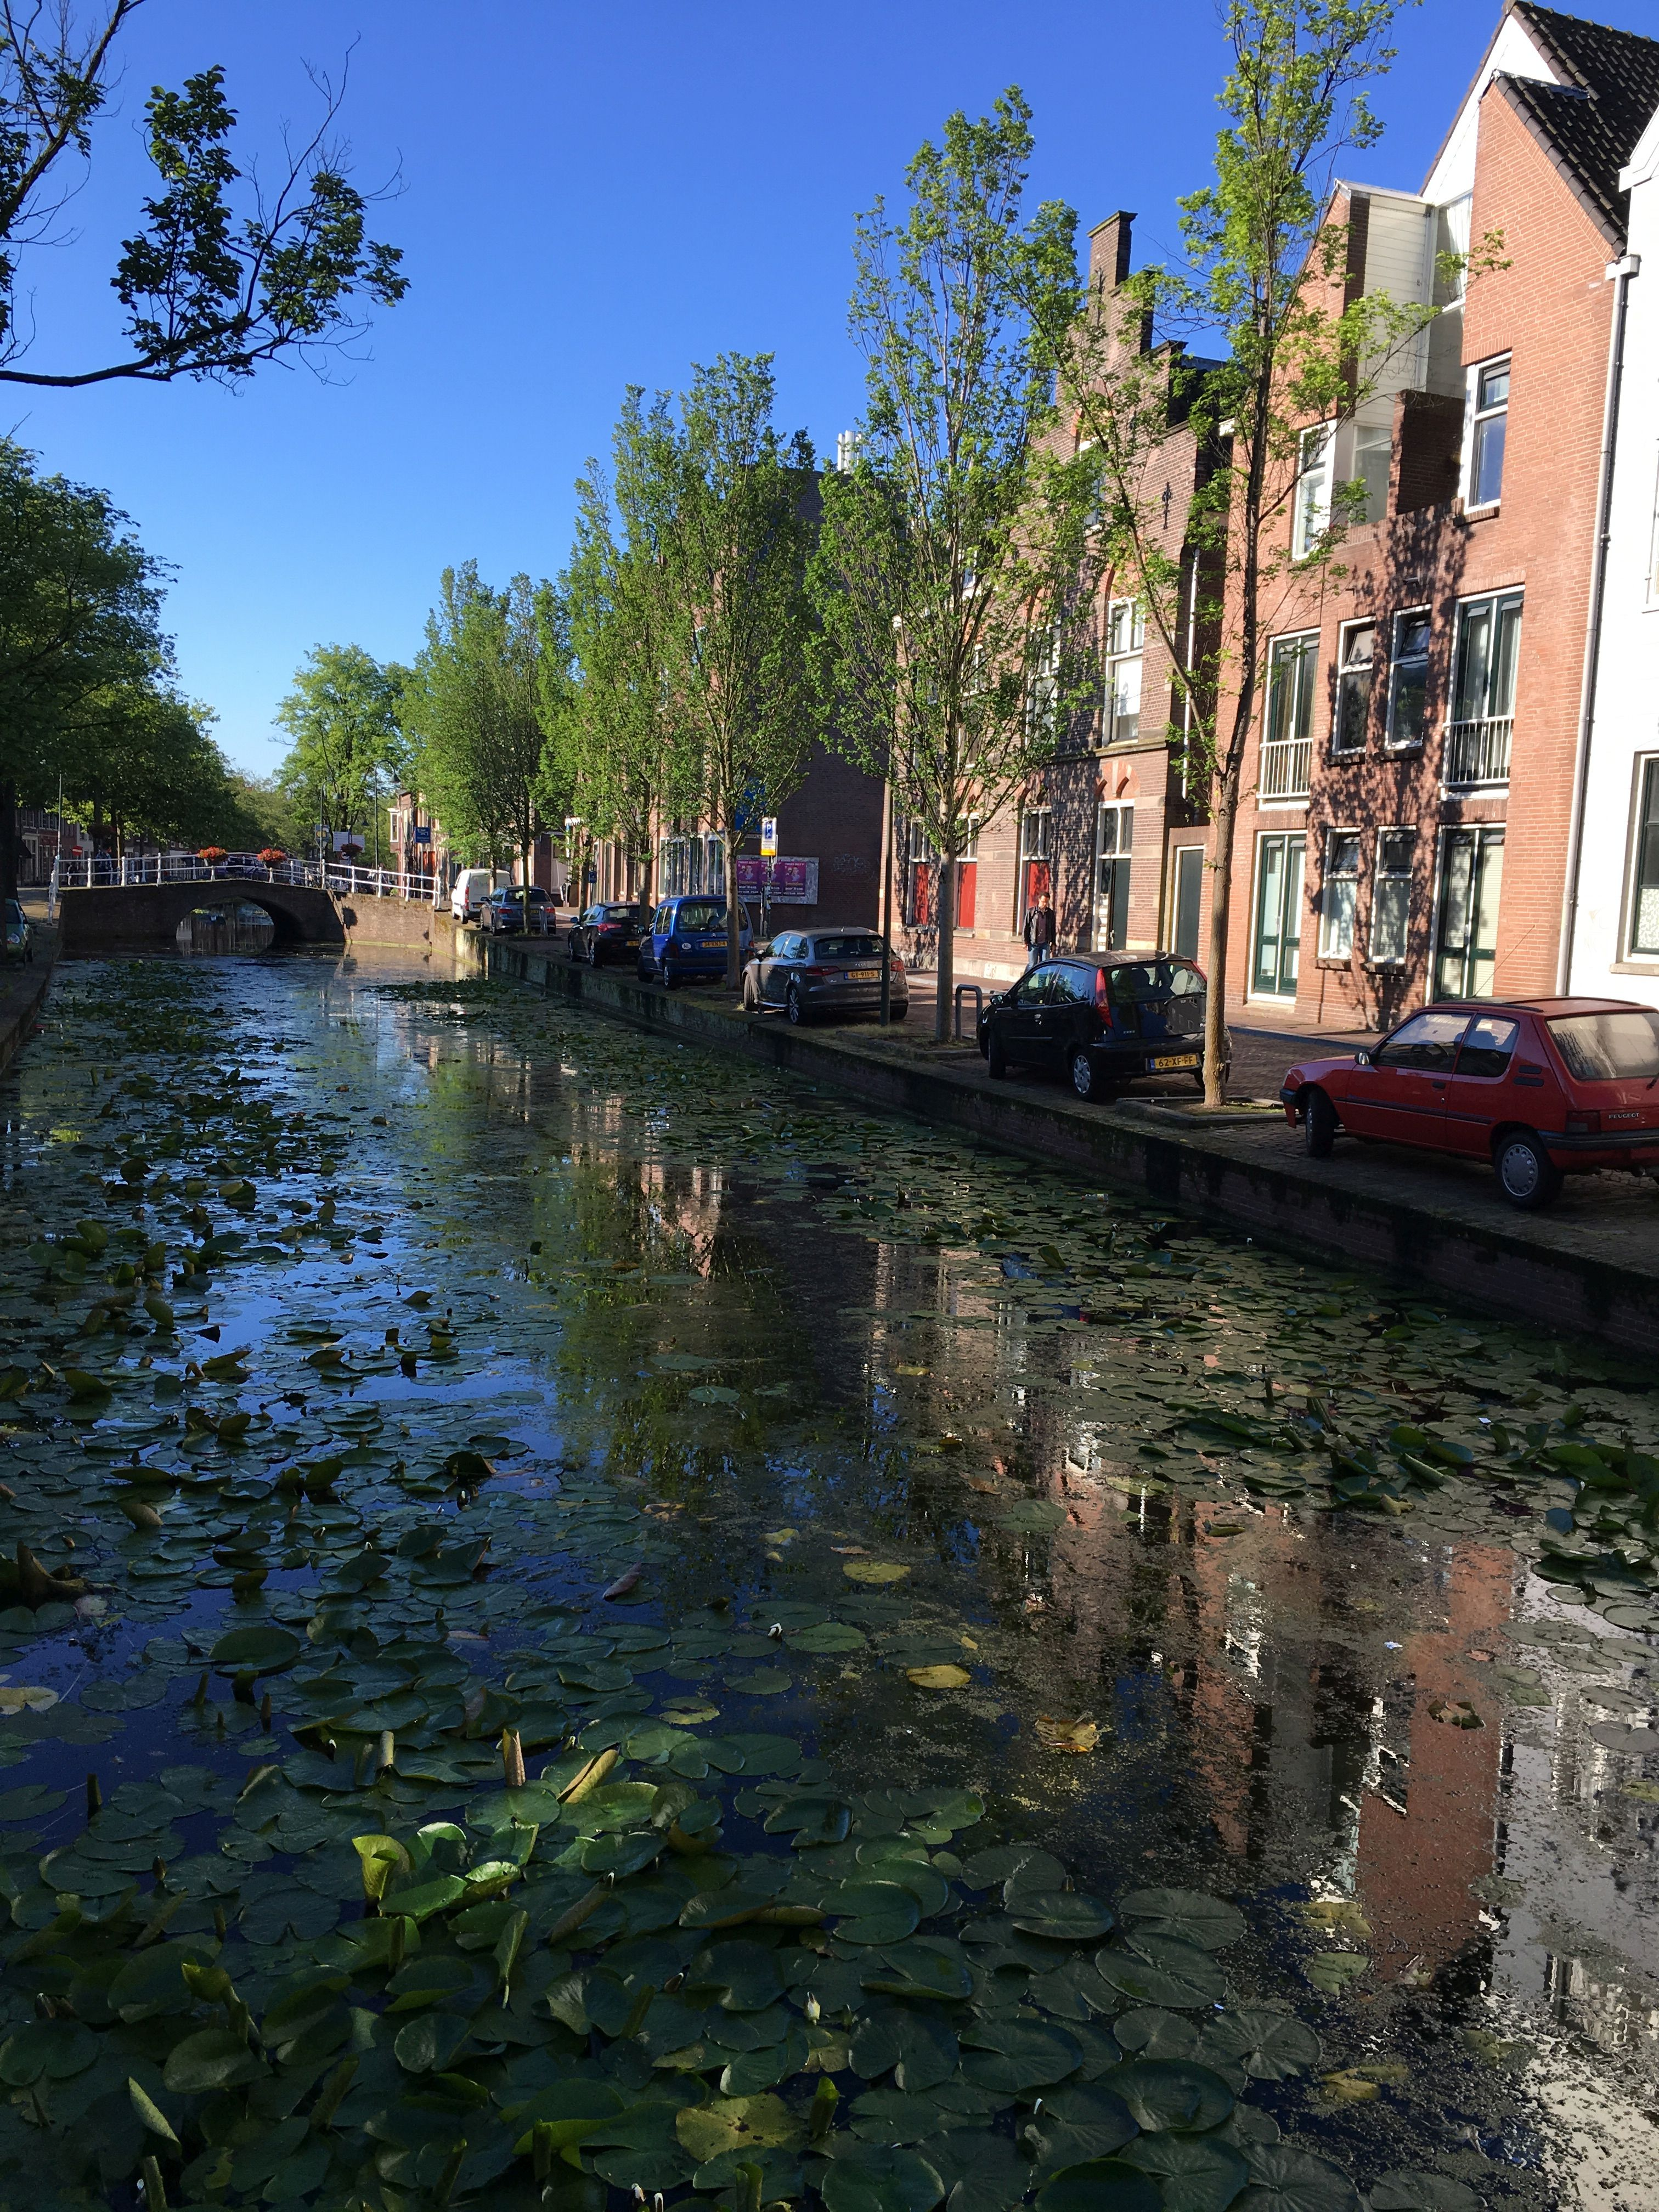 scene in Delft